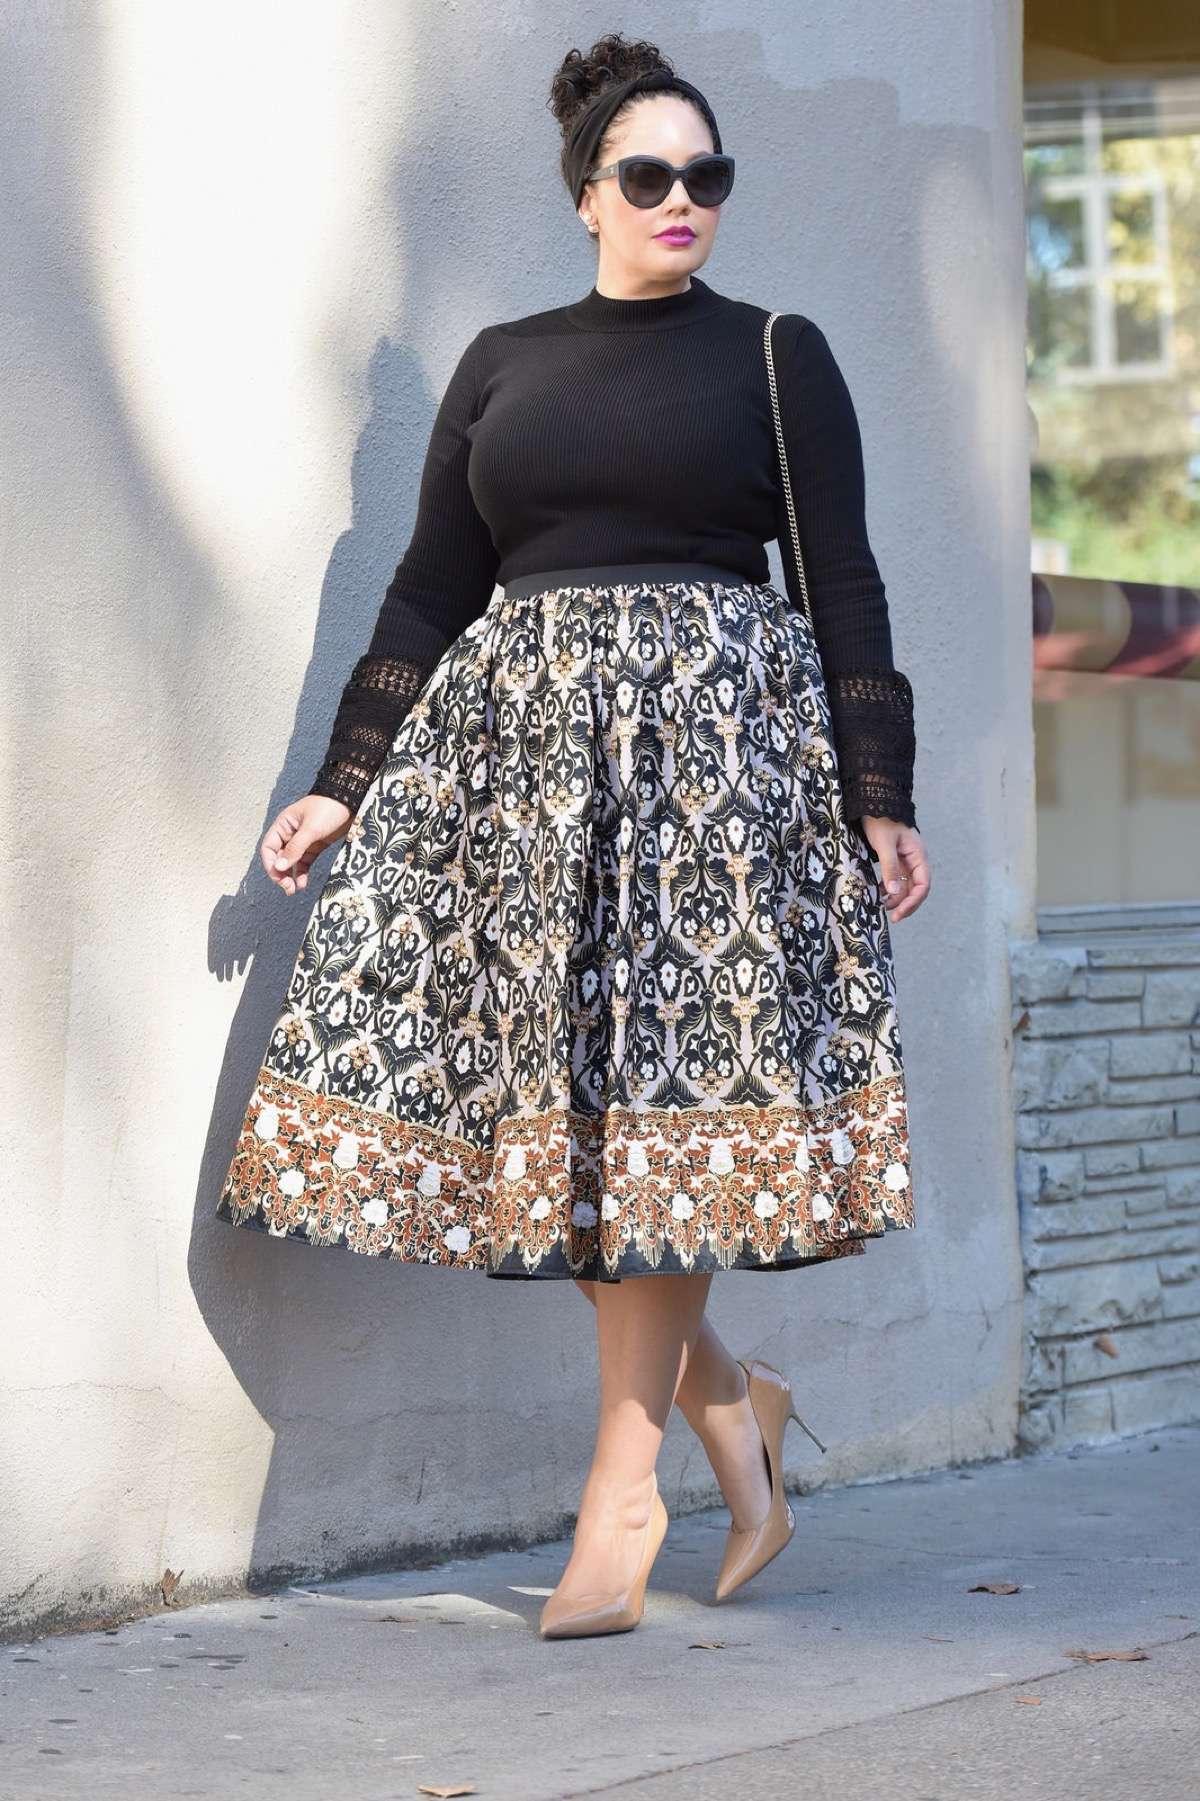 distribuidor mayorista 91950 832c2 Faldas midi: las faldas de moda aptas para llevar todo el año